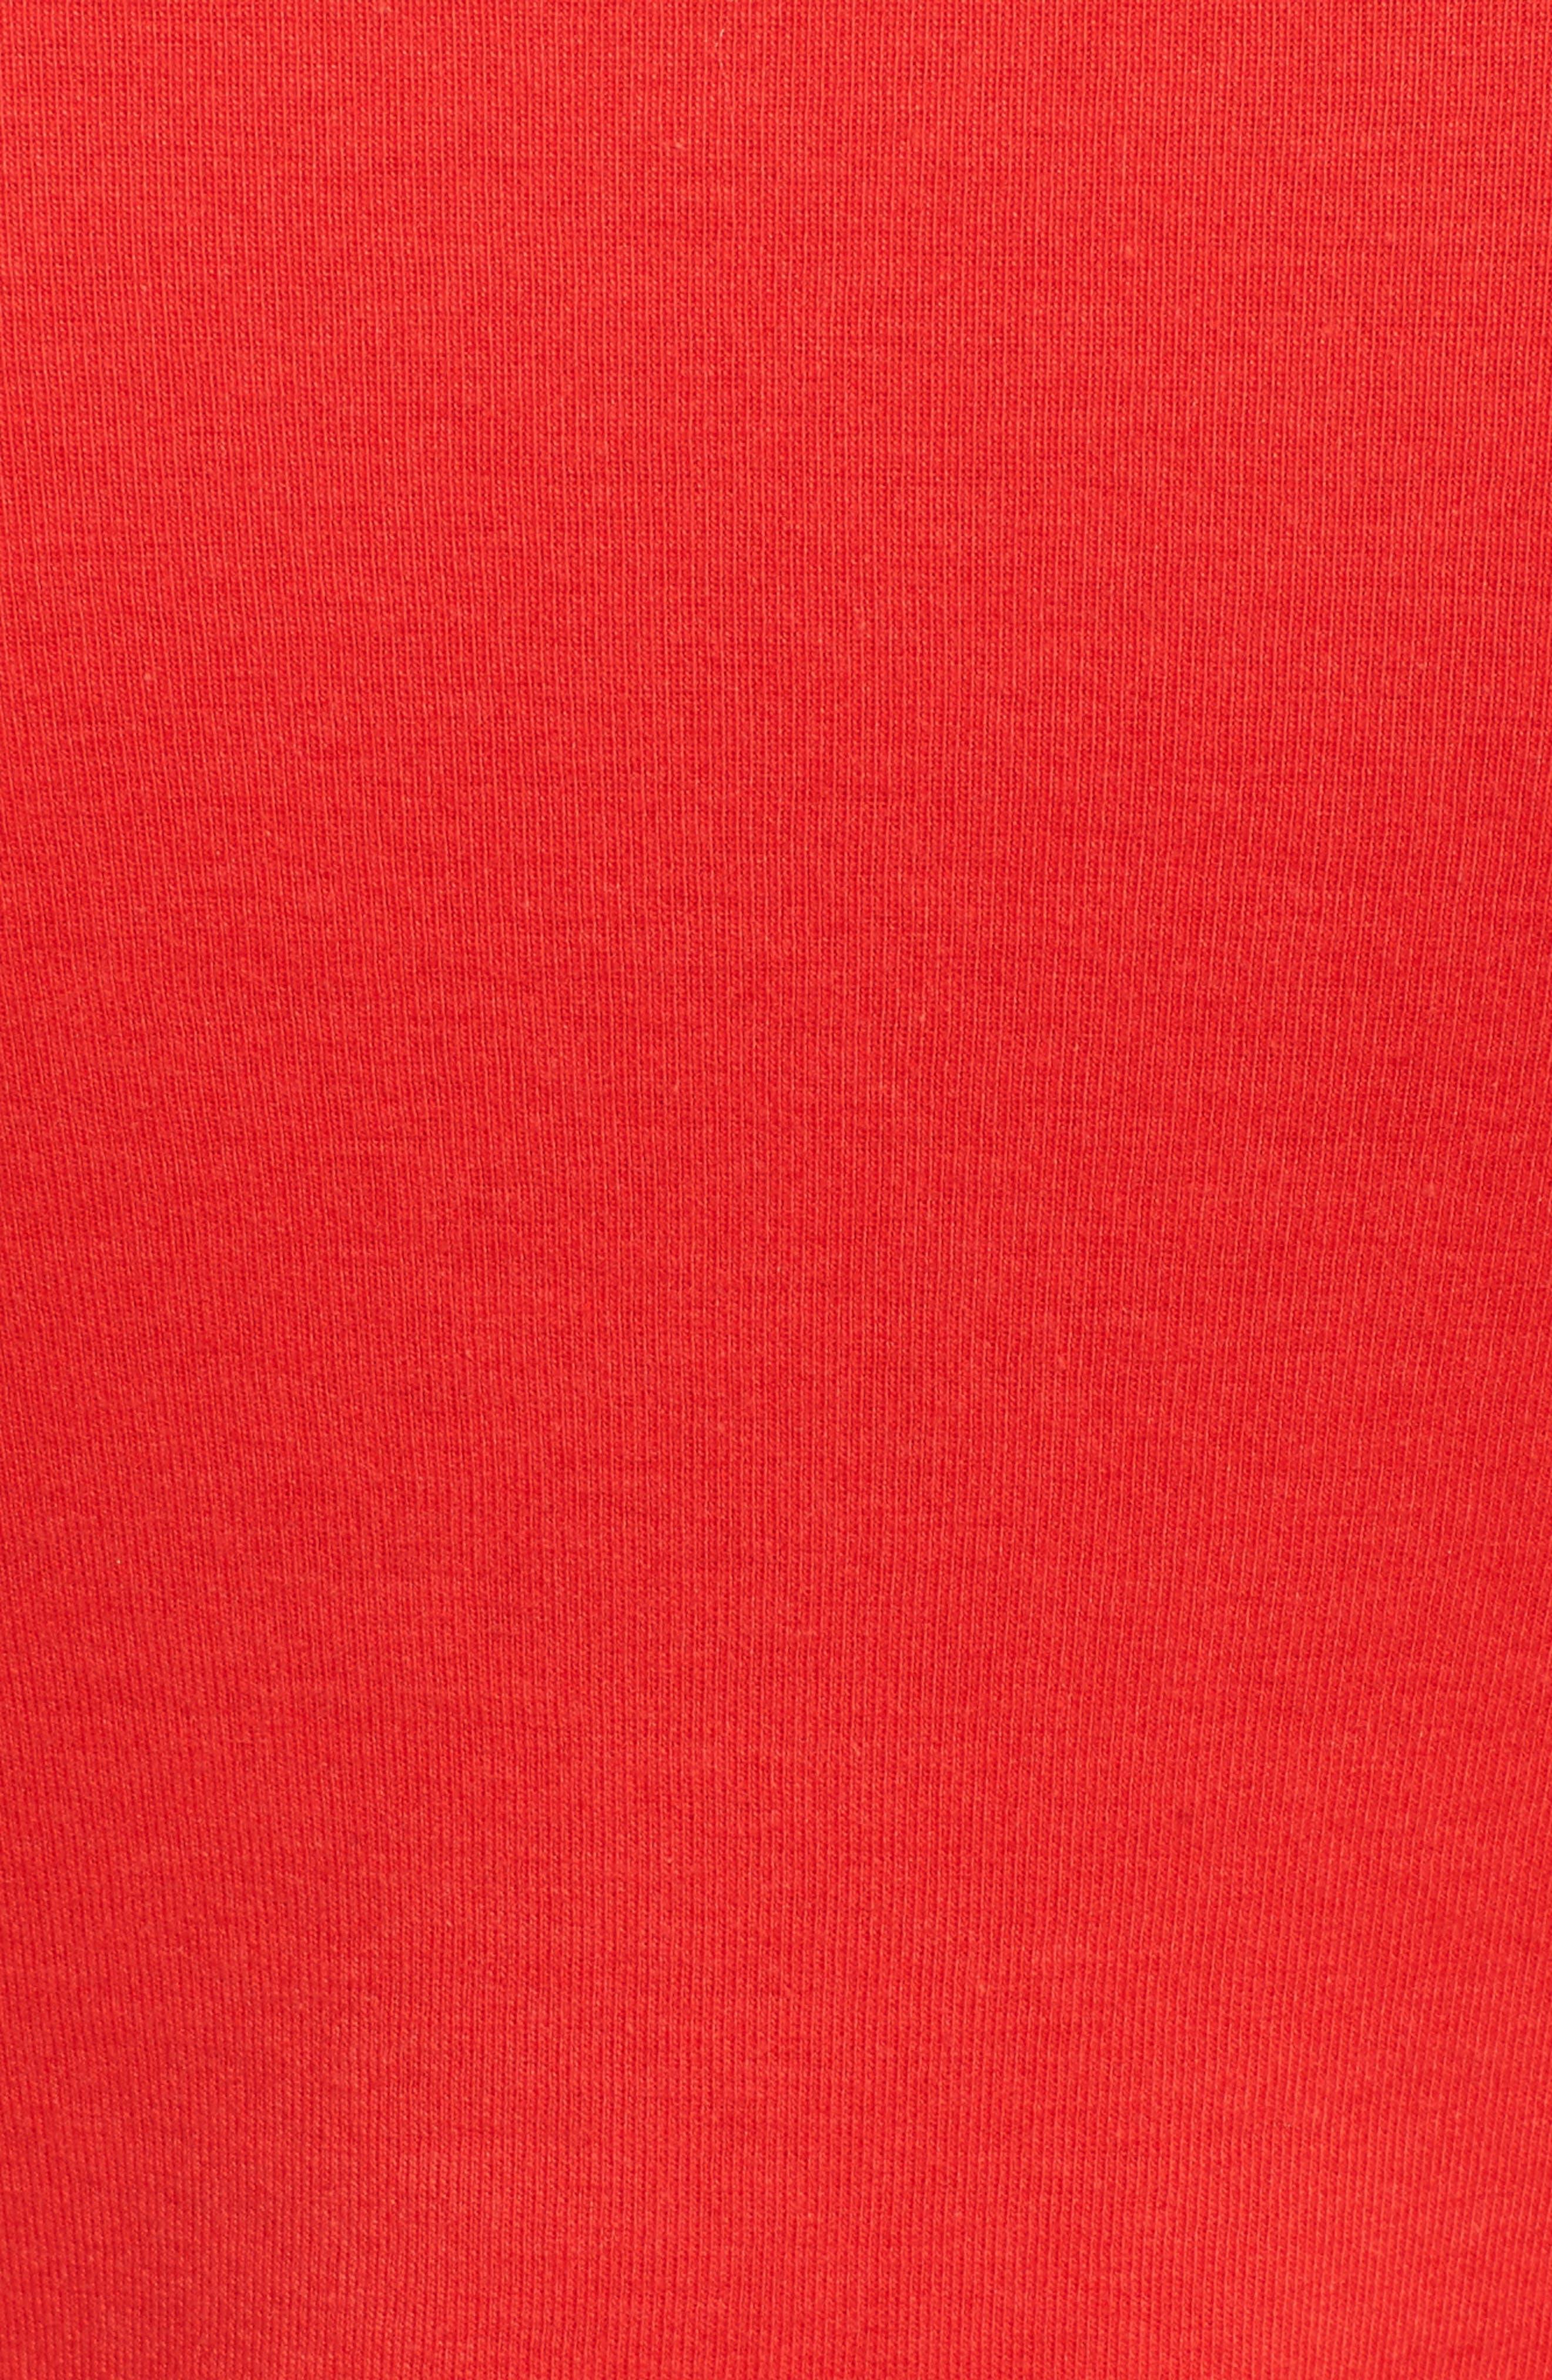 Three Quarter Sleeve Tee,                             Alternate thumbnail 105, color,